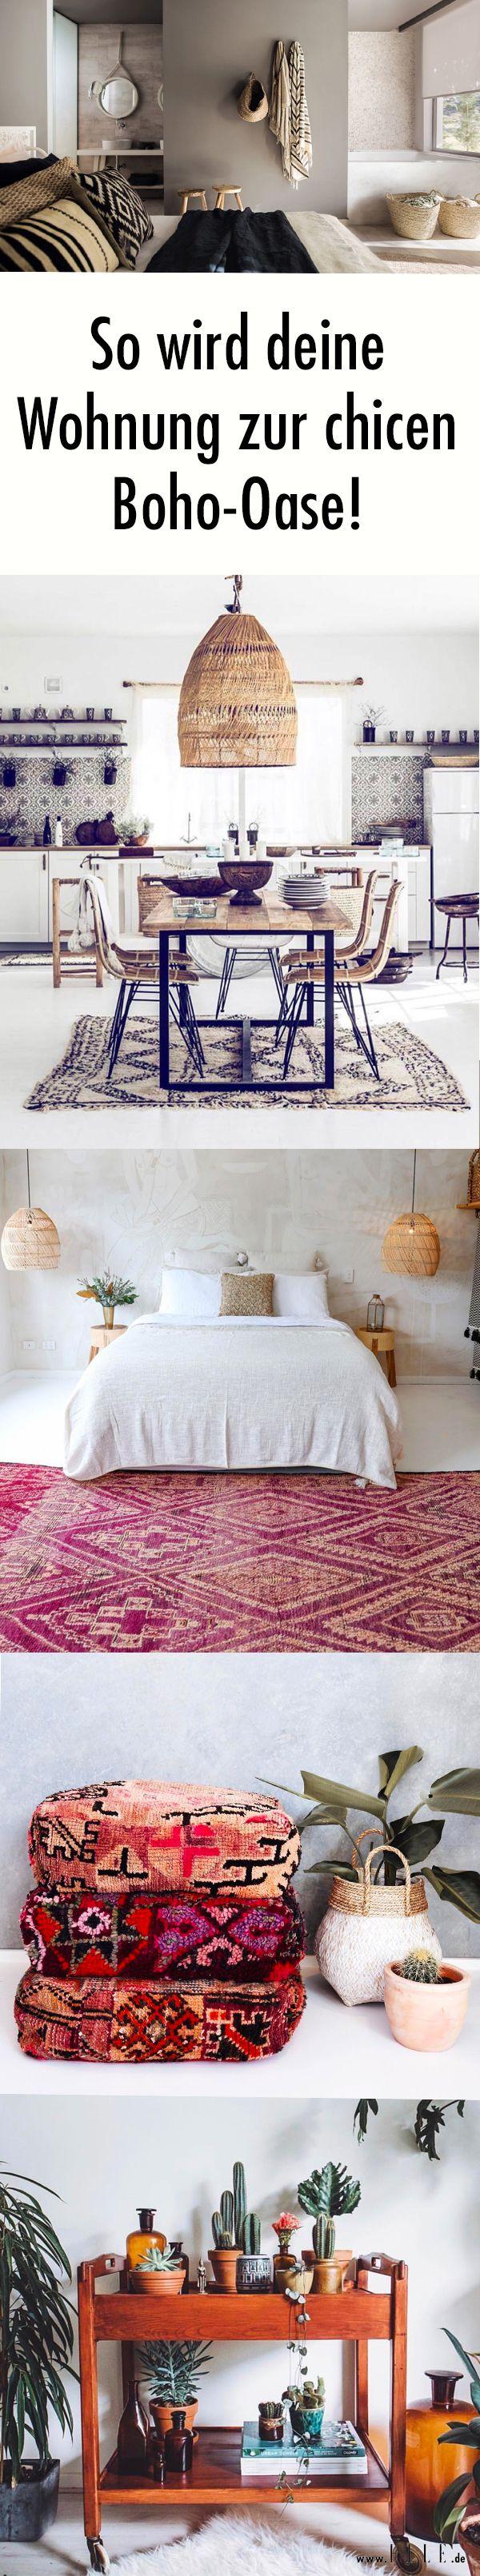 Gemütlich und elegant zugleich Der Boho Stil ist unglaublich beliebt und lässt sich ganz